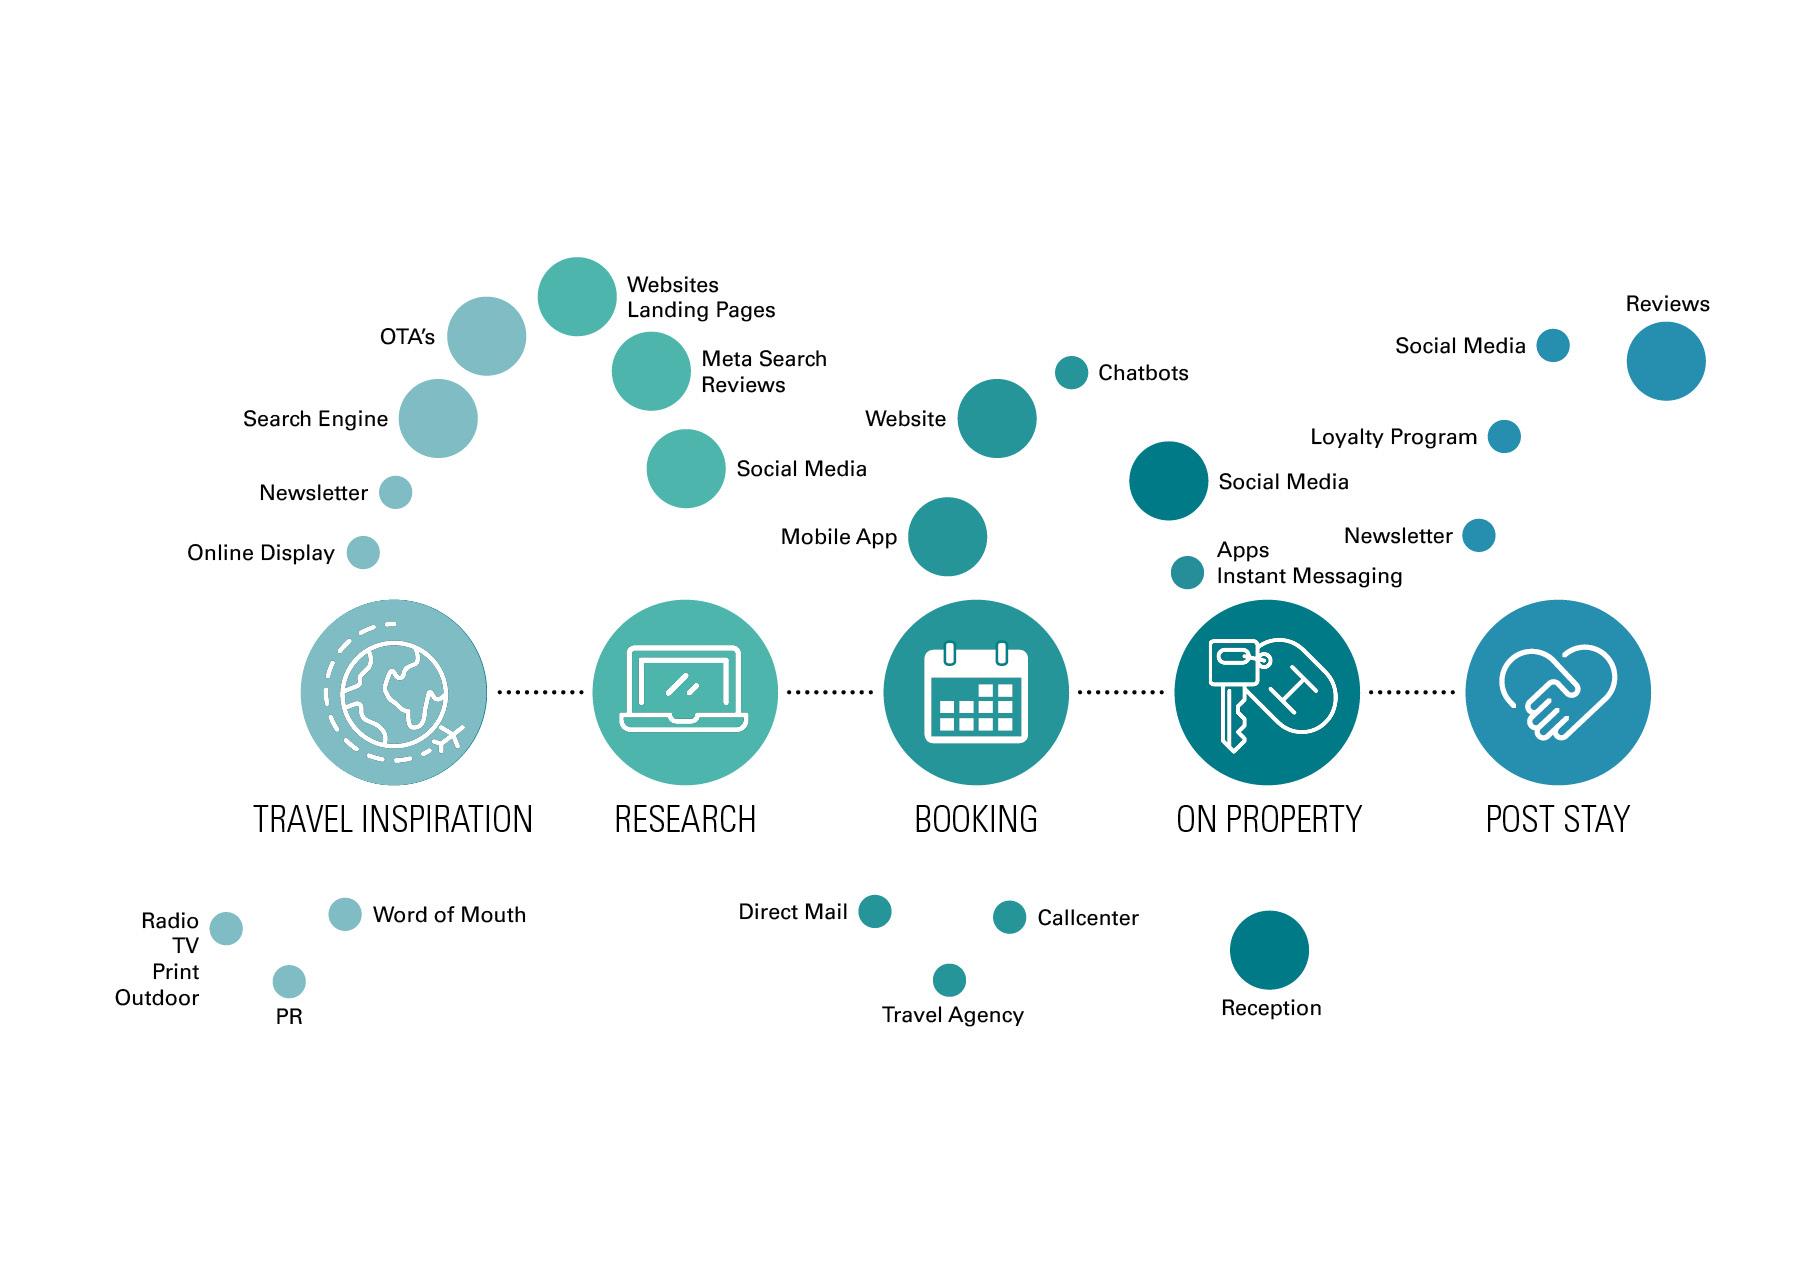 Grafik 2 für den Blog-Artikel zur Customer Journey auf gchhotelgroup.com